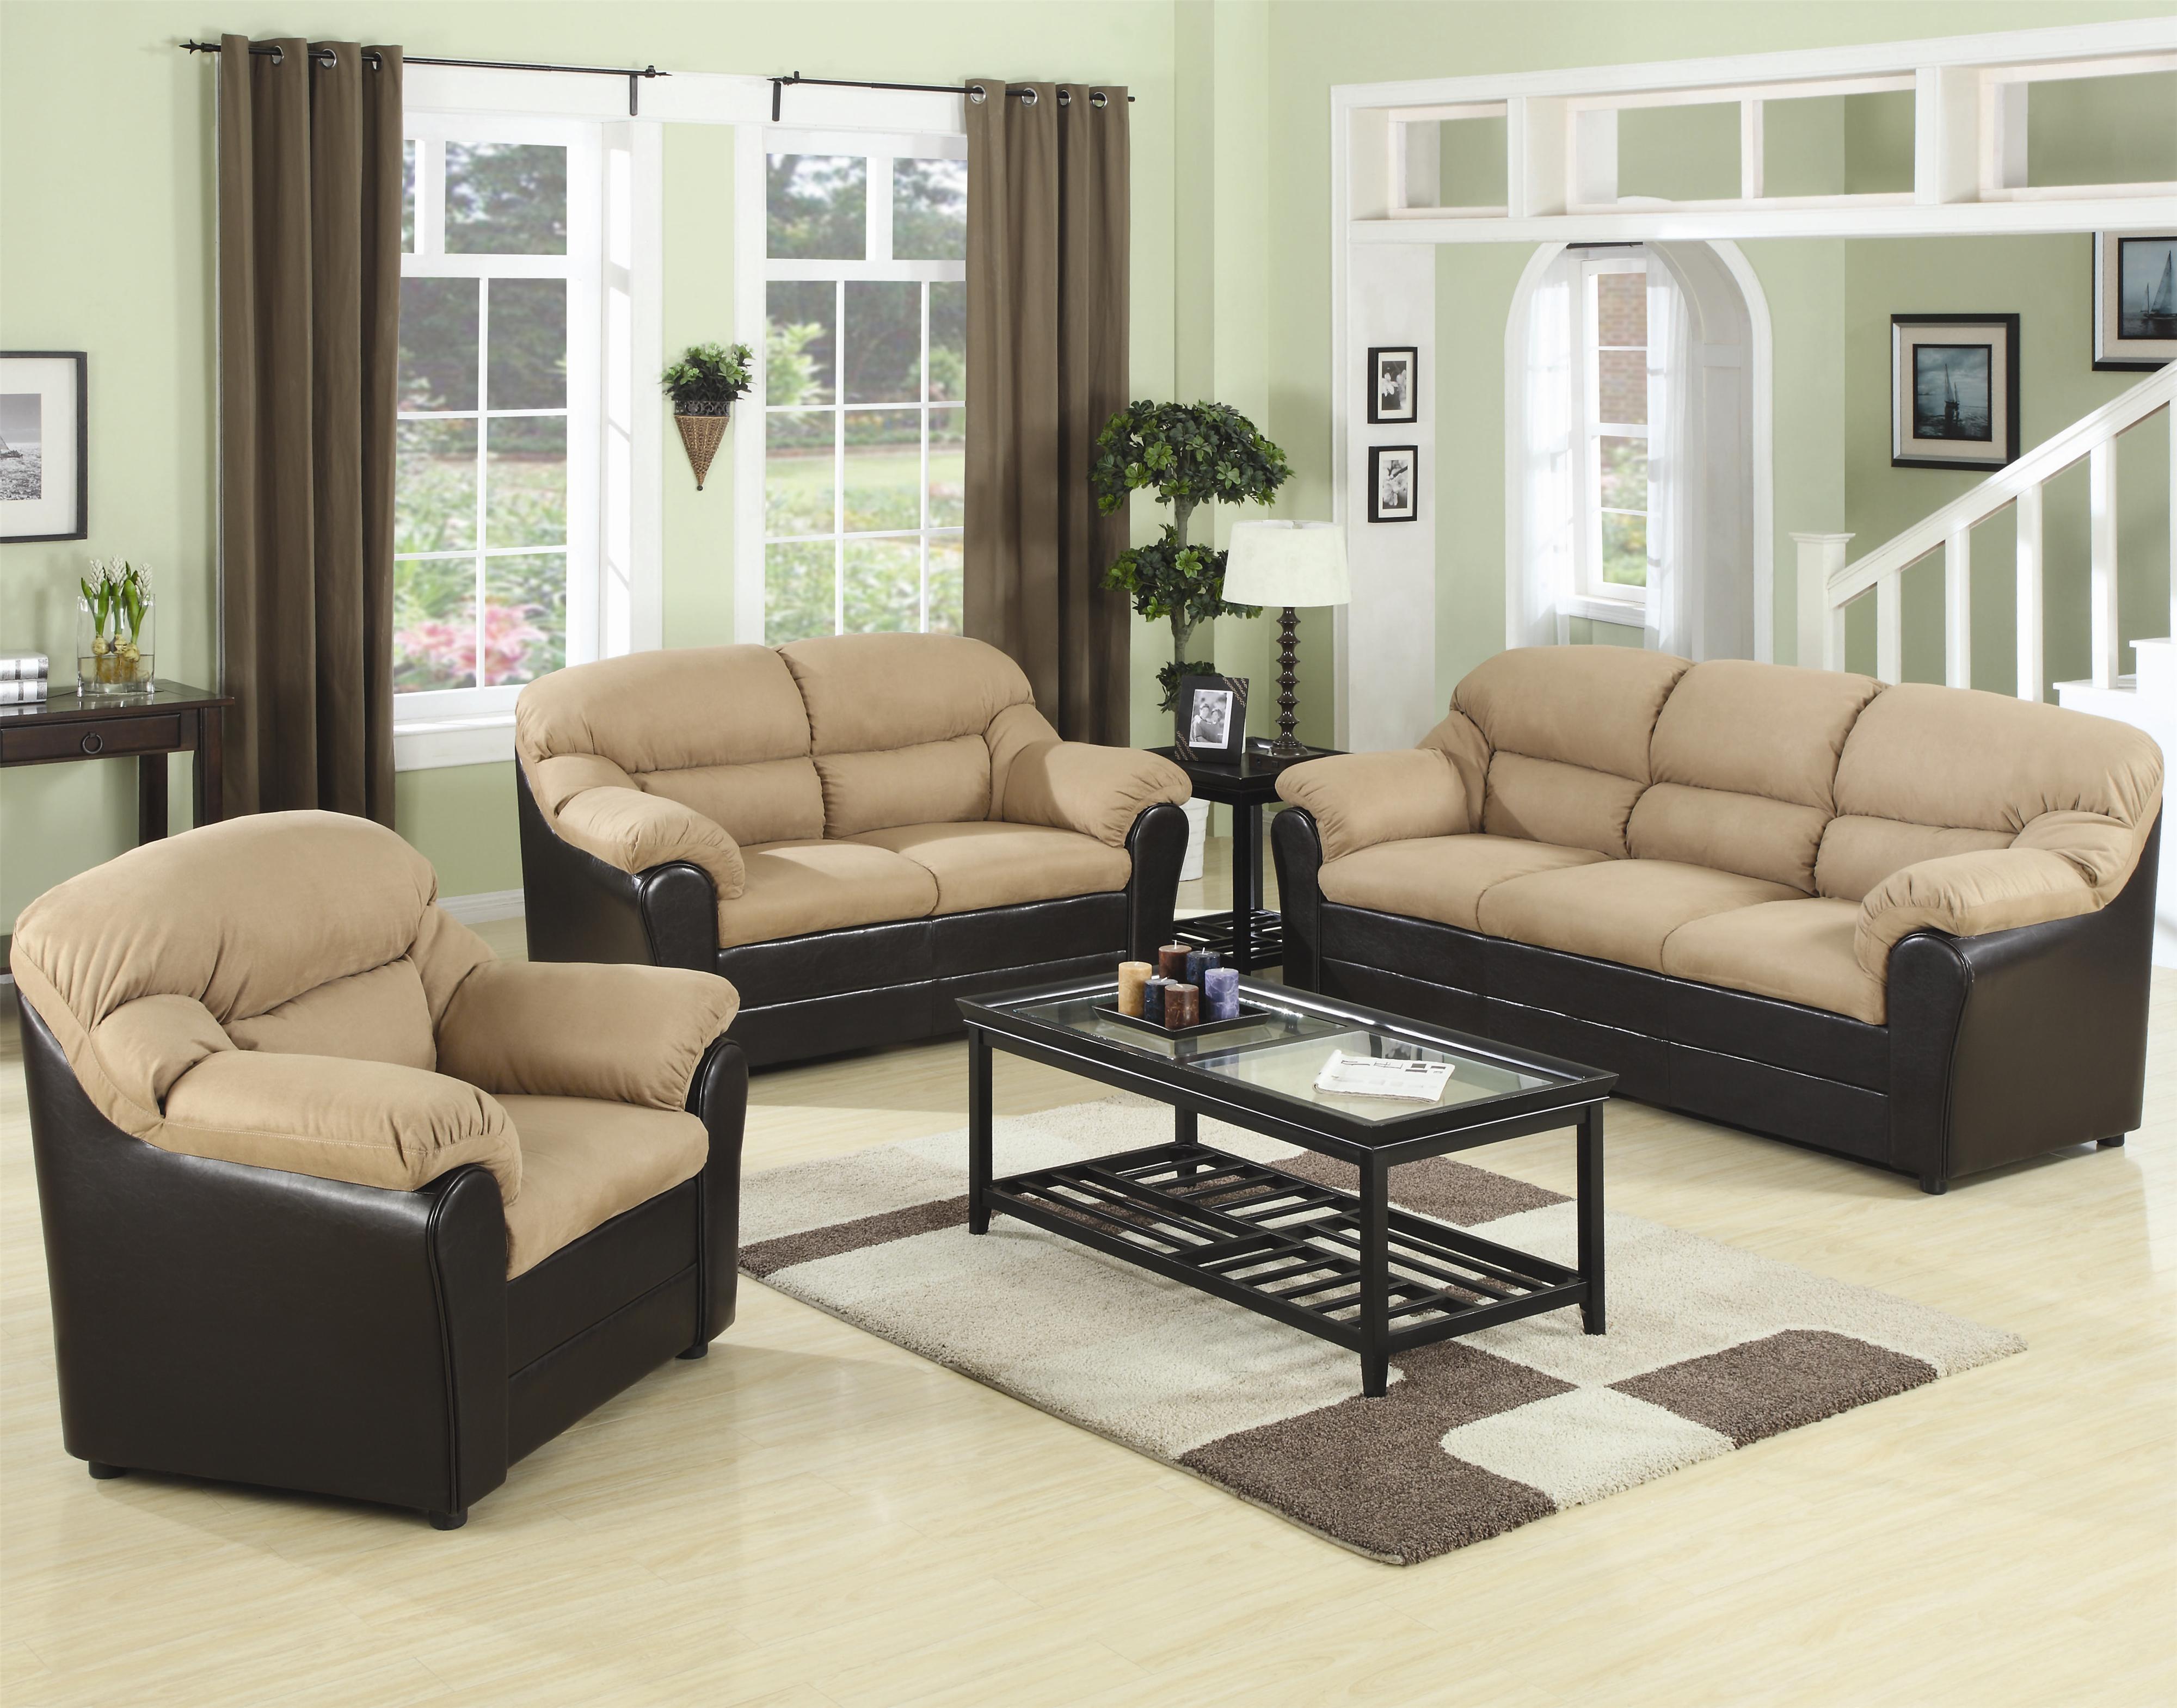 Big Sofa Sets Living Roommediterranean Living Room Big Sofa Sets Pertaining To Big Sofa Chairs (Image 5 of 15)